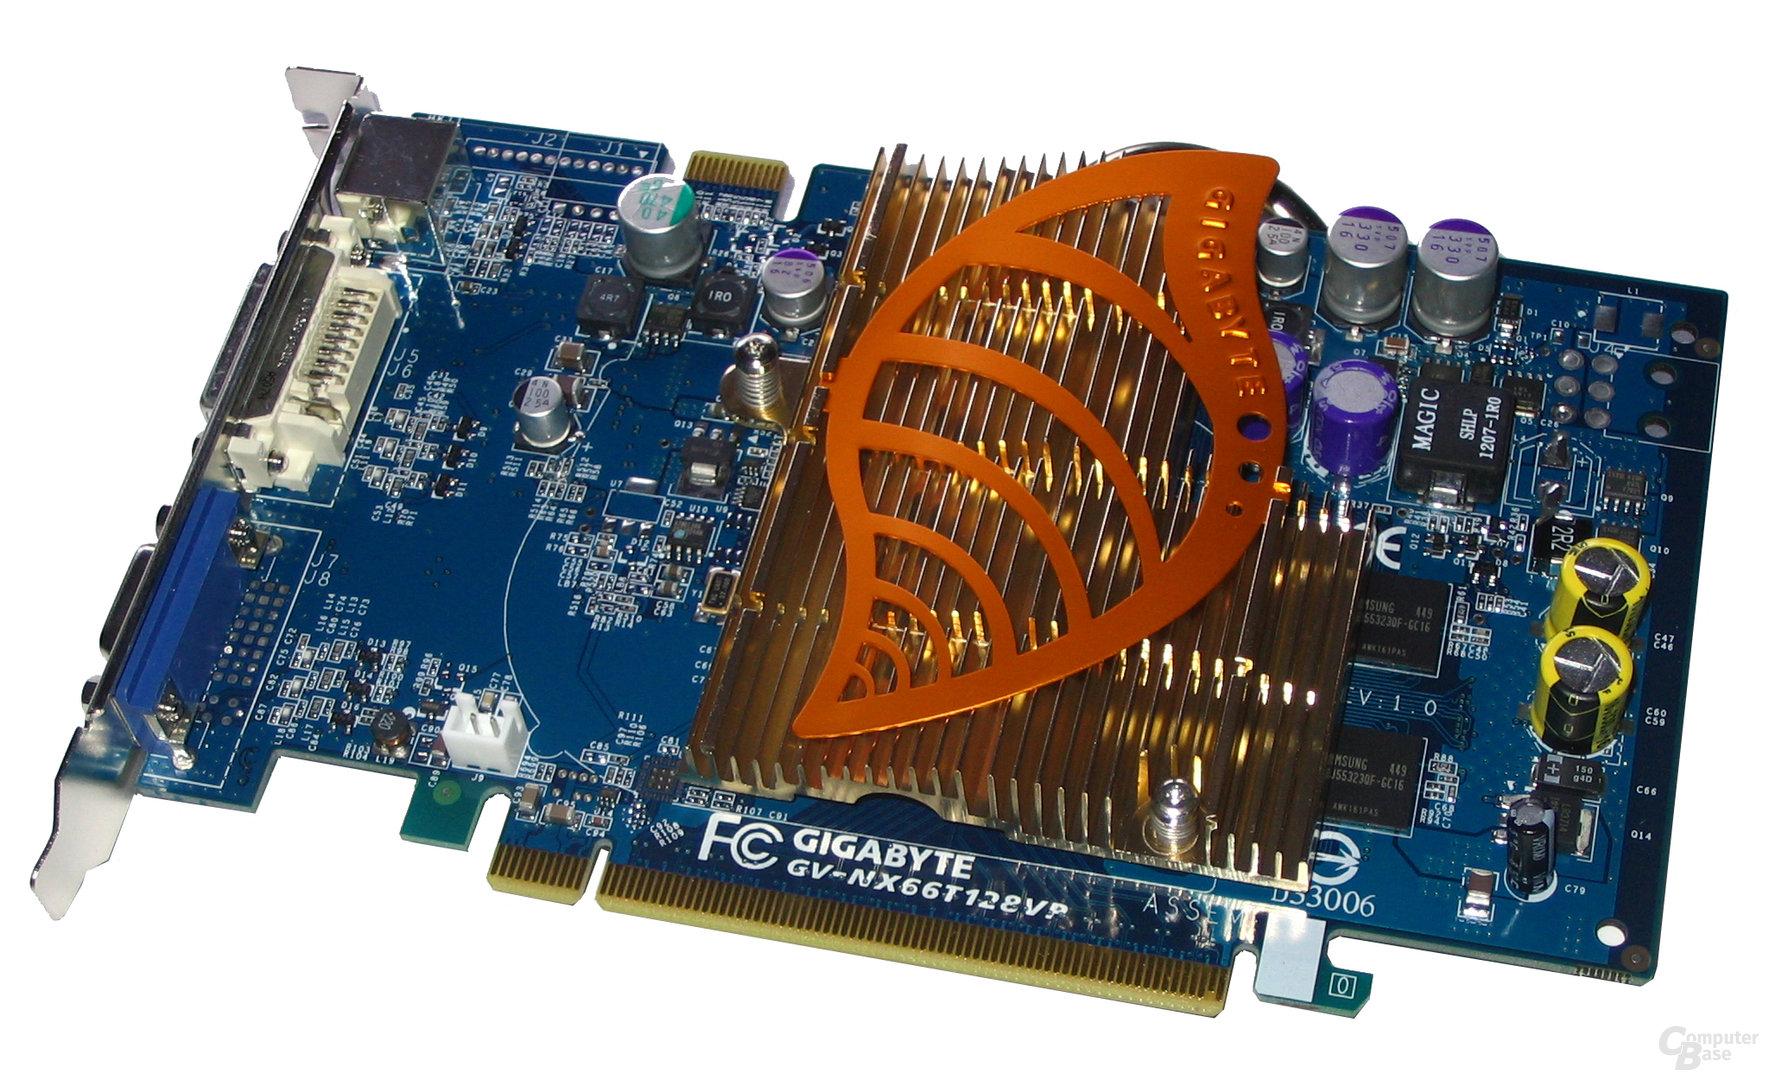 Gigabyte GeForce 6600 GT